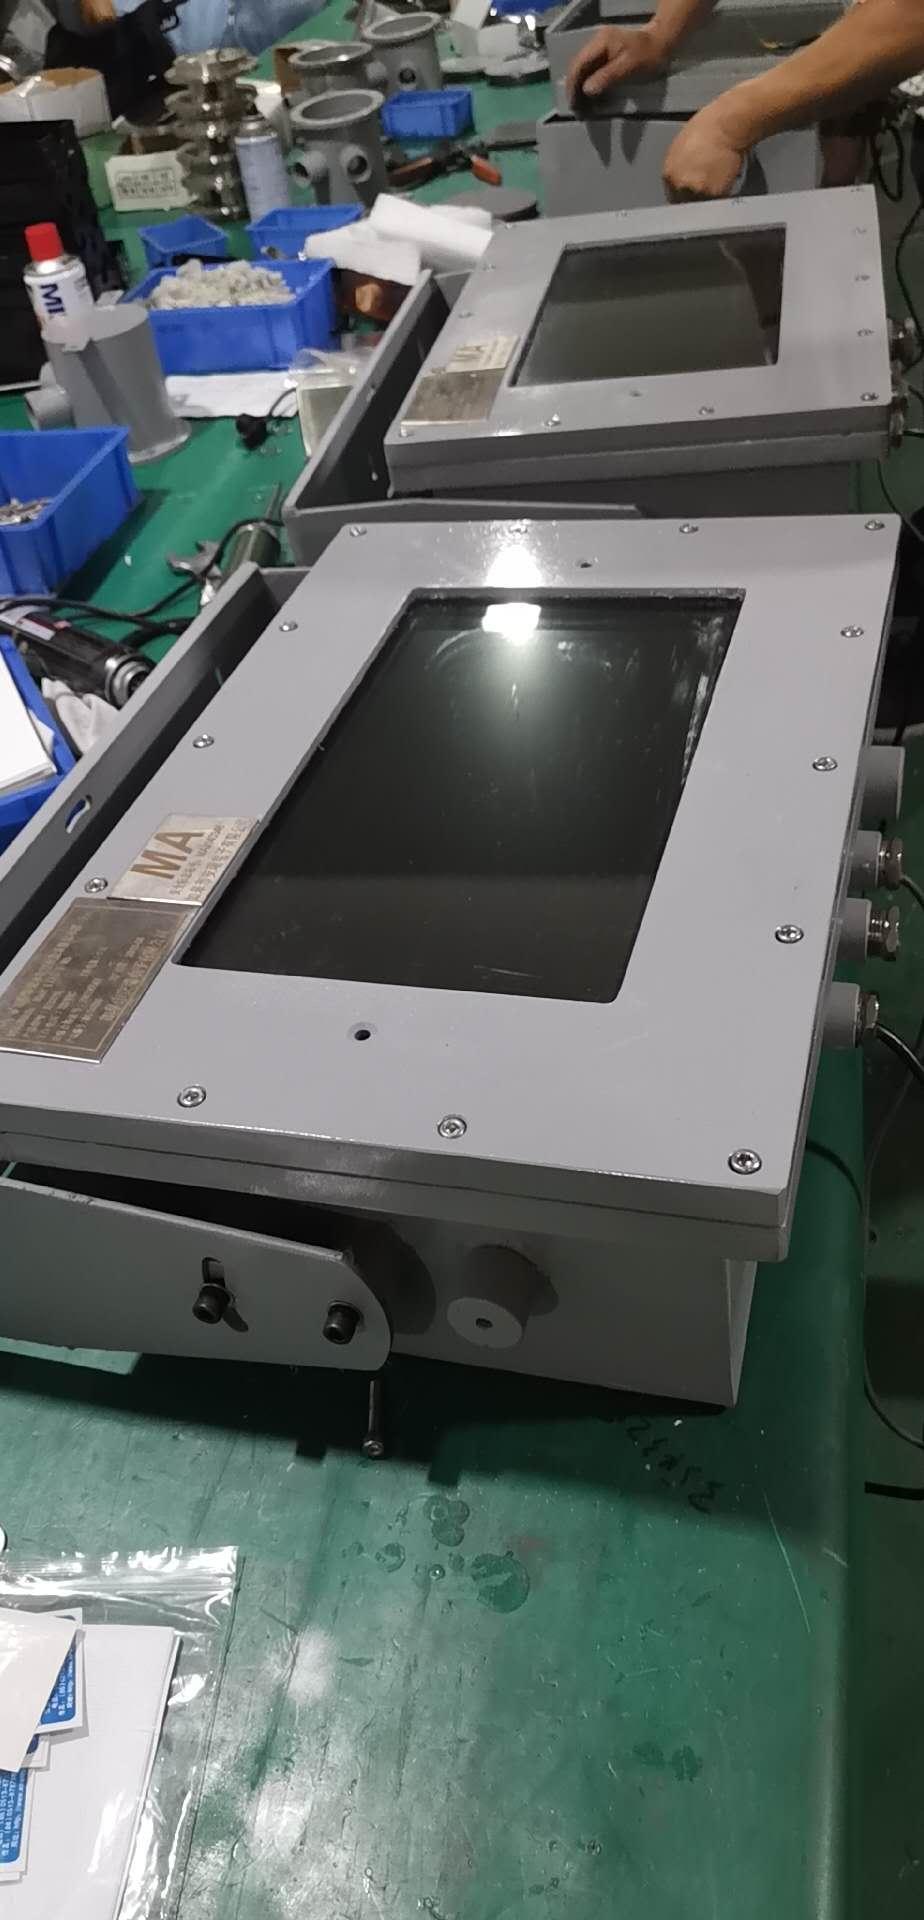 礦用隔爆兼本安顯示器65寸超大定製 3